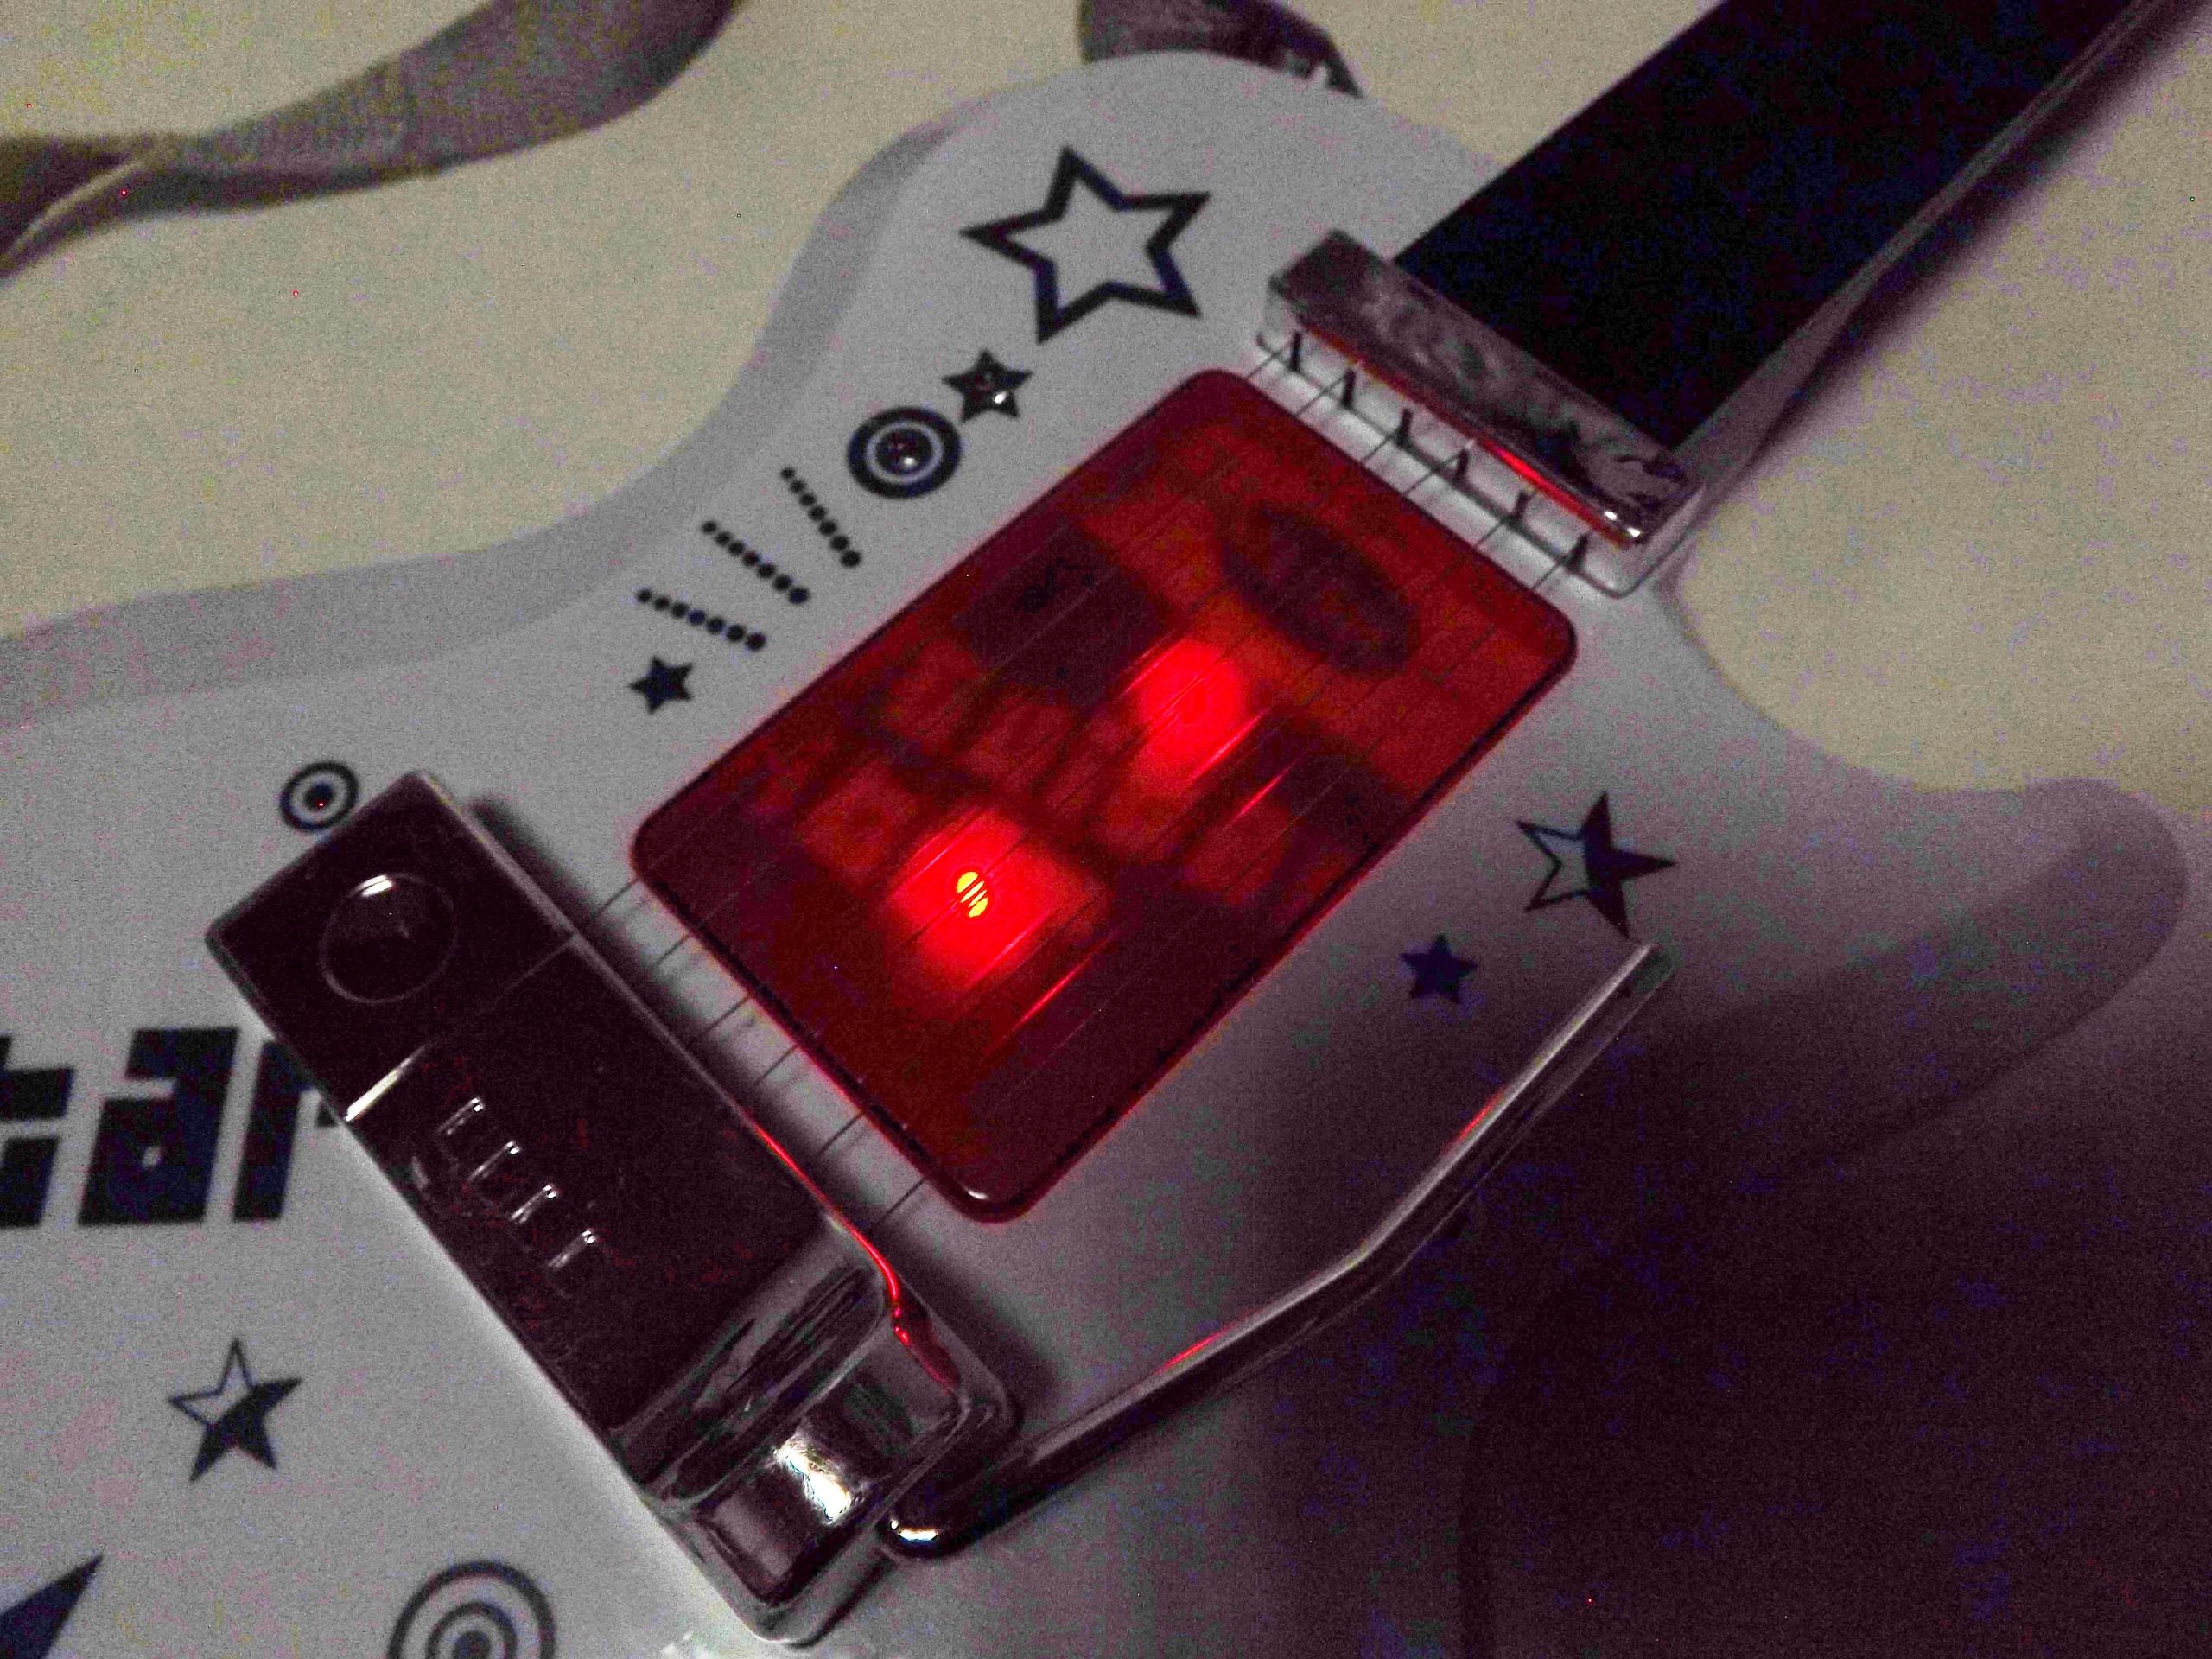 BEZPRZEWODOWA GITARA ZE WZMACNIACZEM,mikrofon 9010 Głębokość produktu 4.5 cm